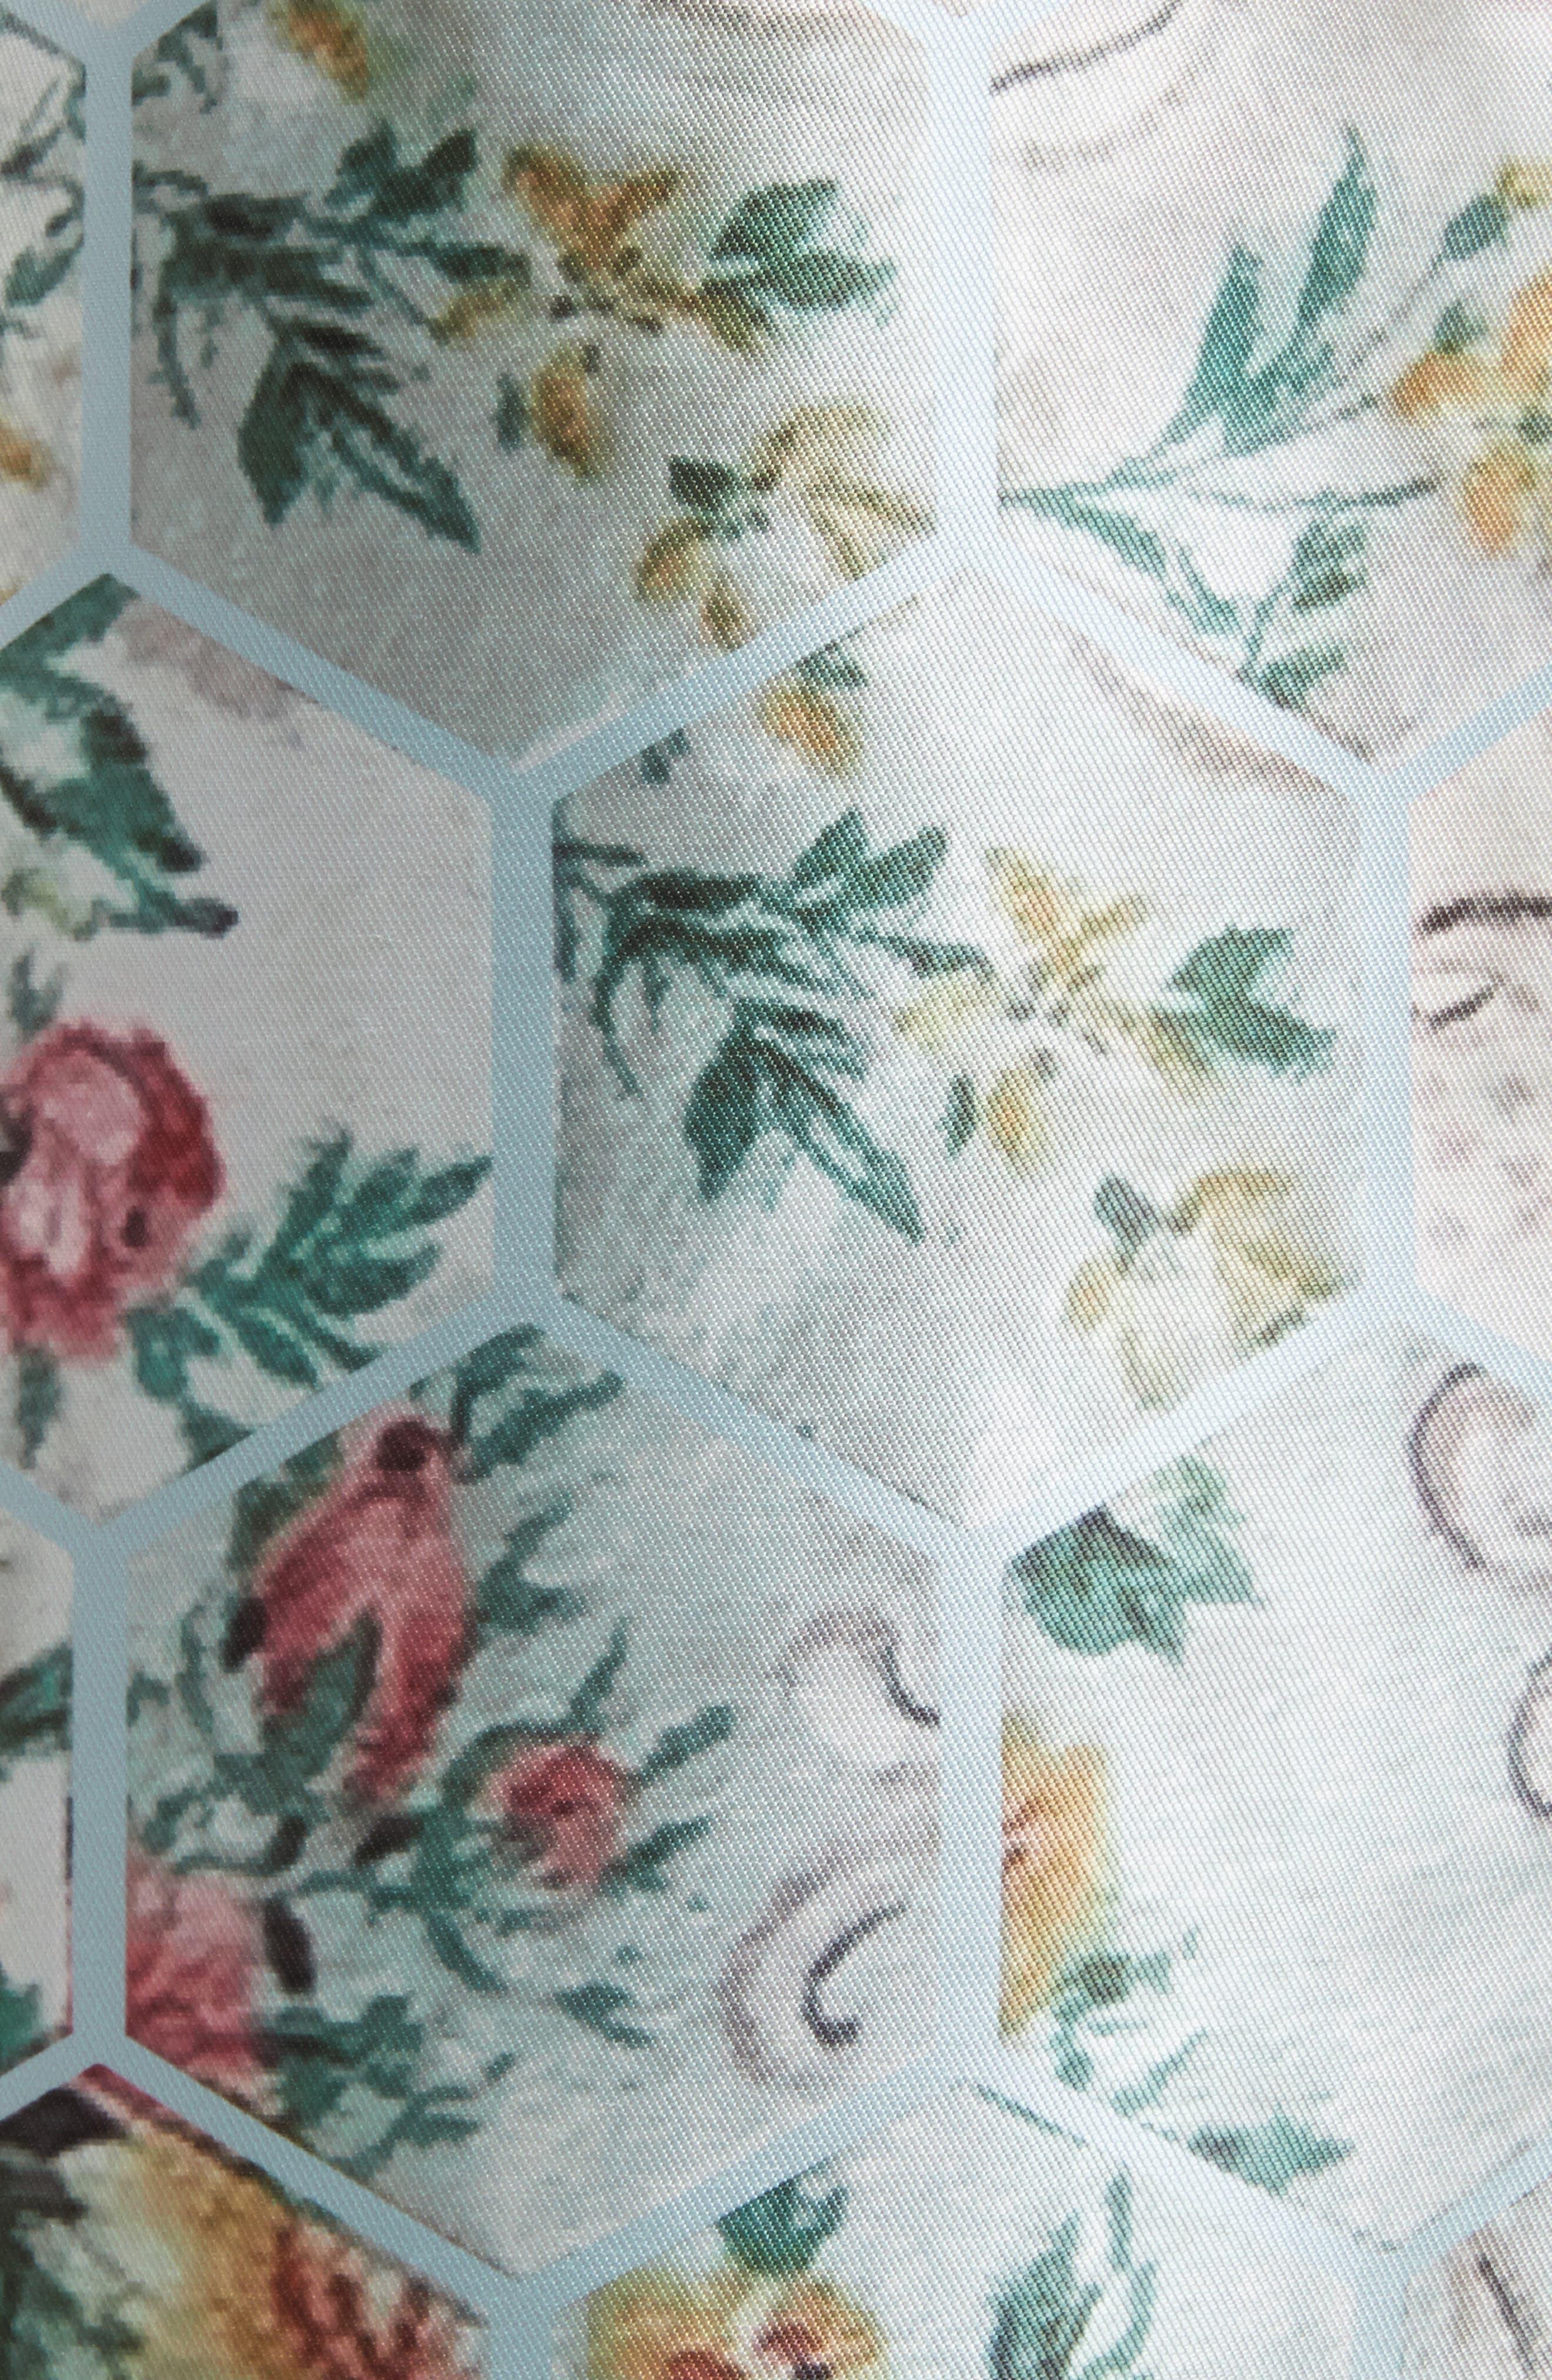 Dewrose Patchwork A-line Dress,                             Alternate thumbnail 5, color,                             Pale Blue